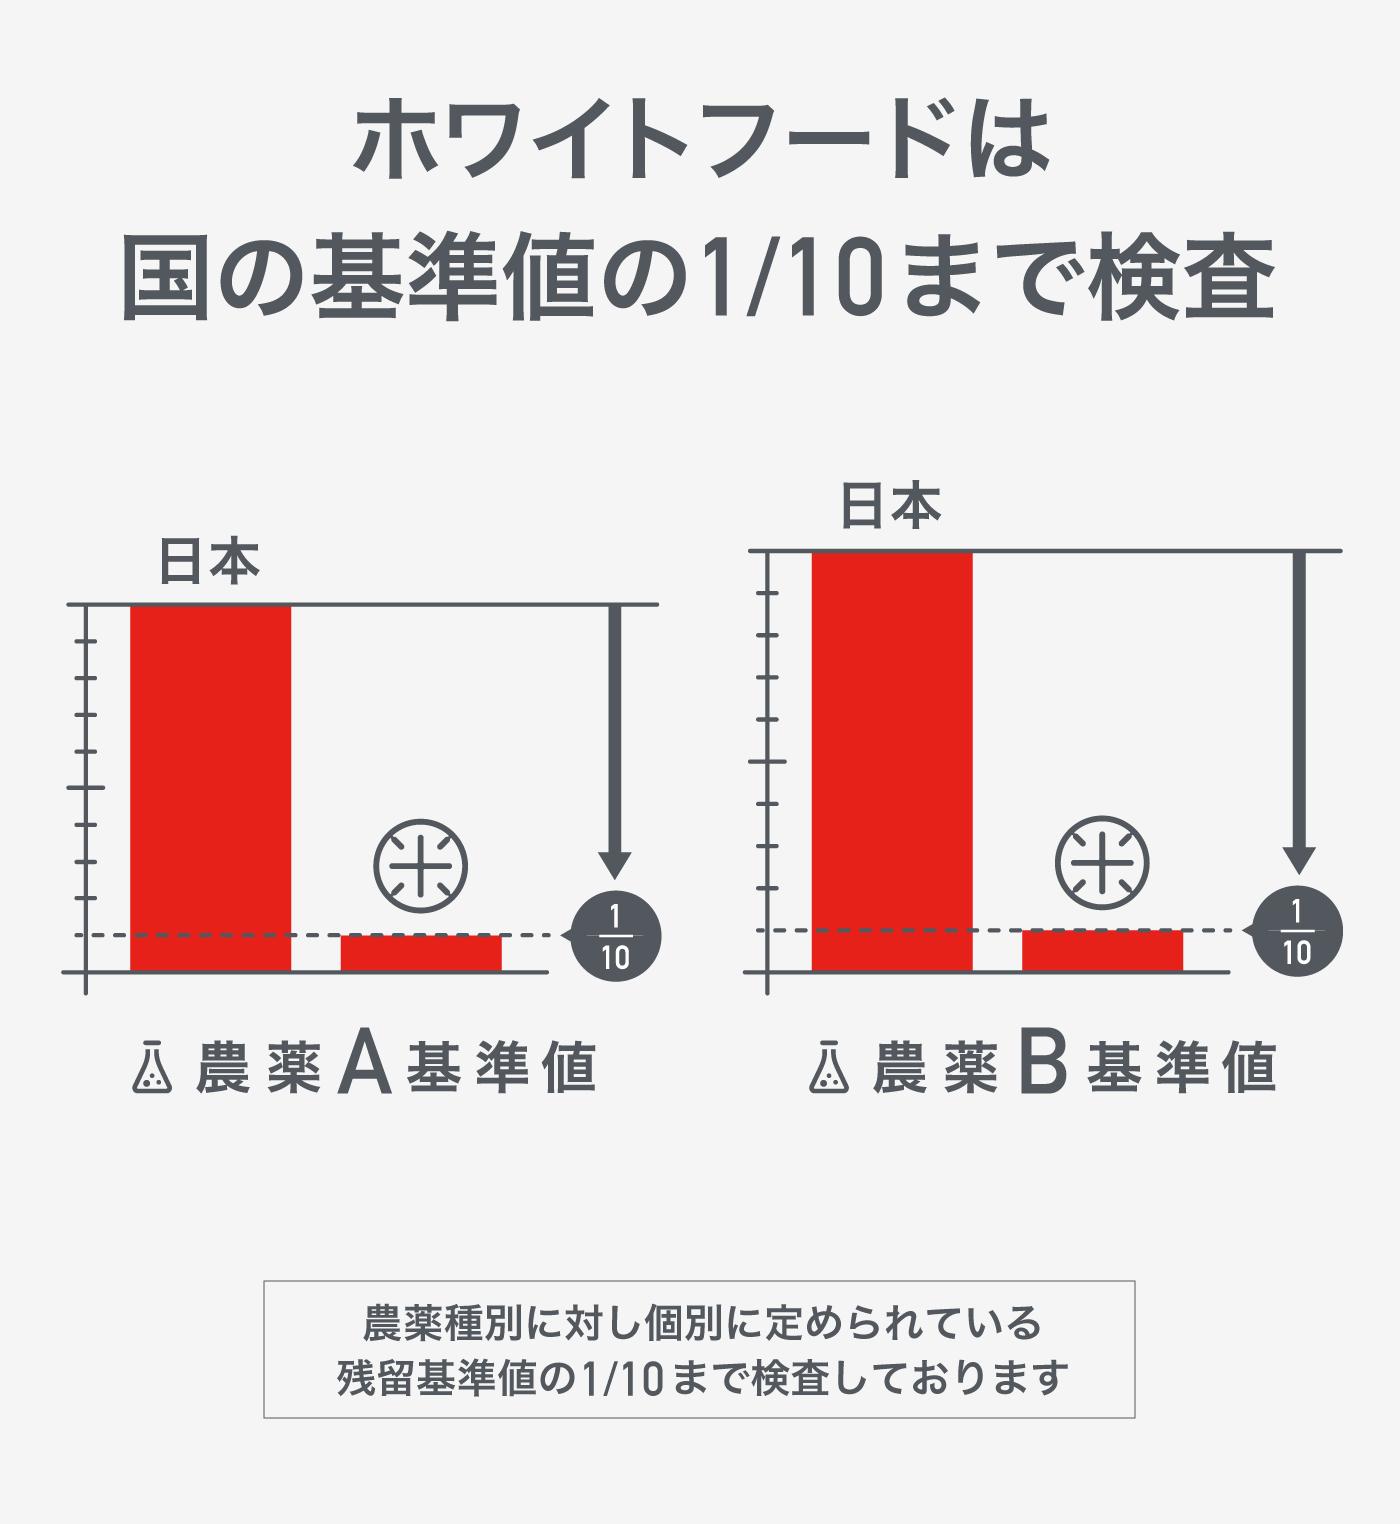 """""""ホワイトフードは国の基準値の1/10まで検査"""""""